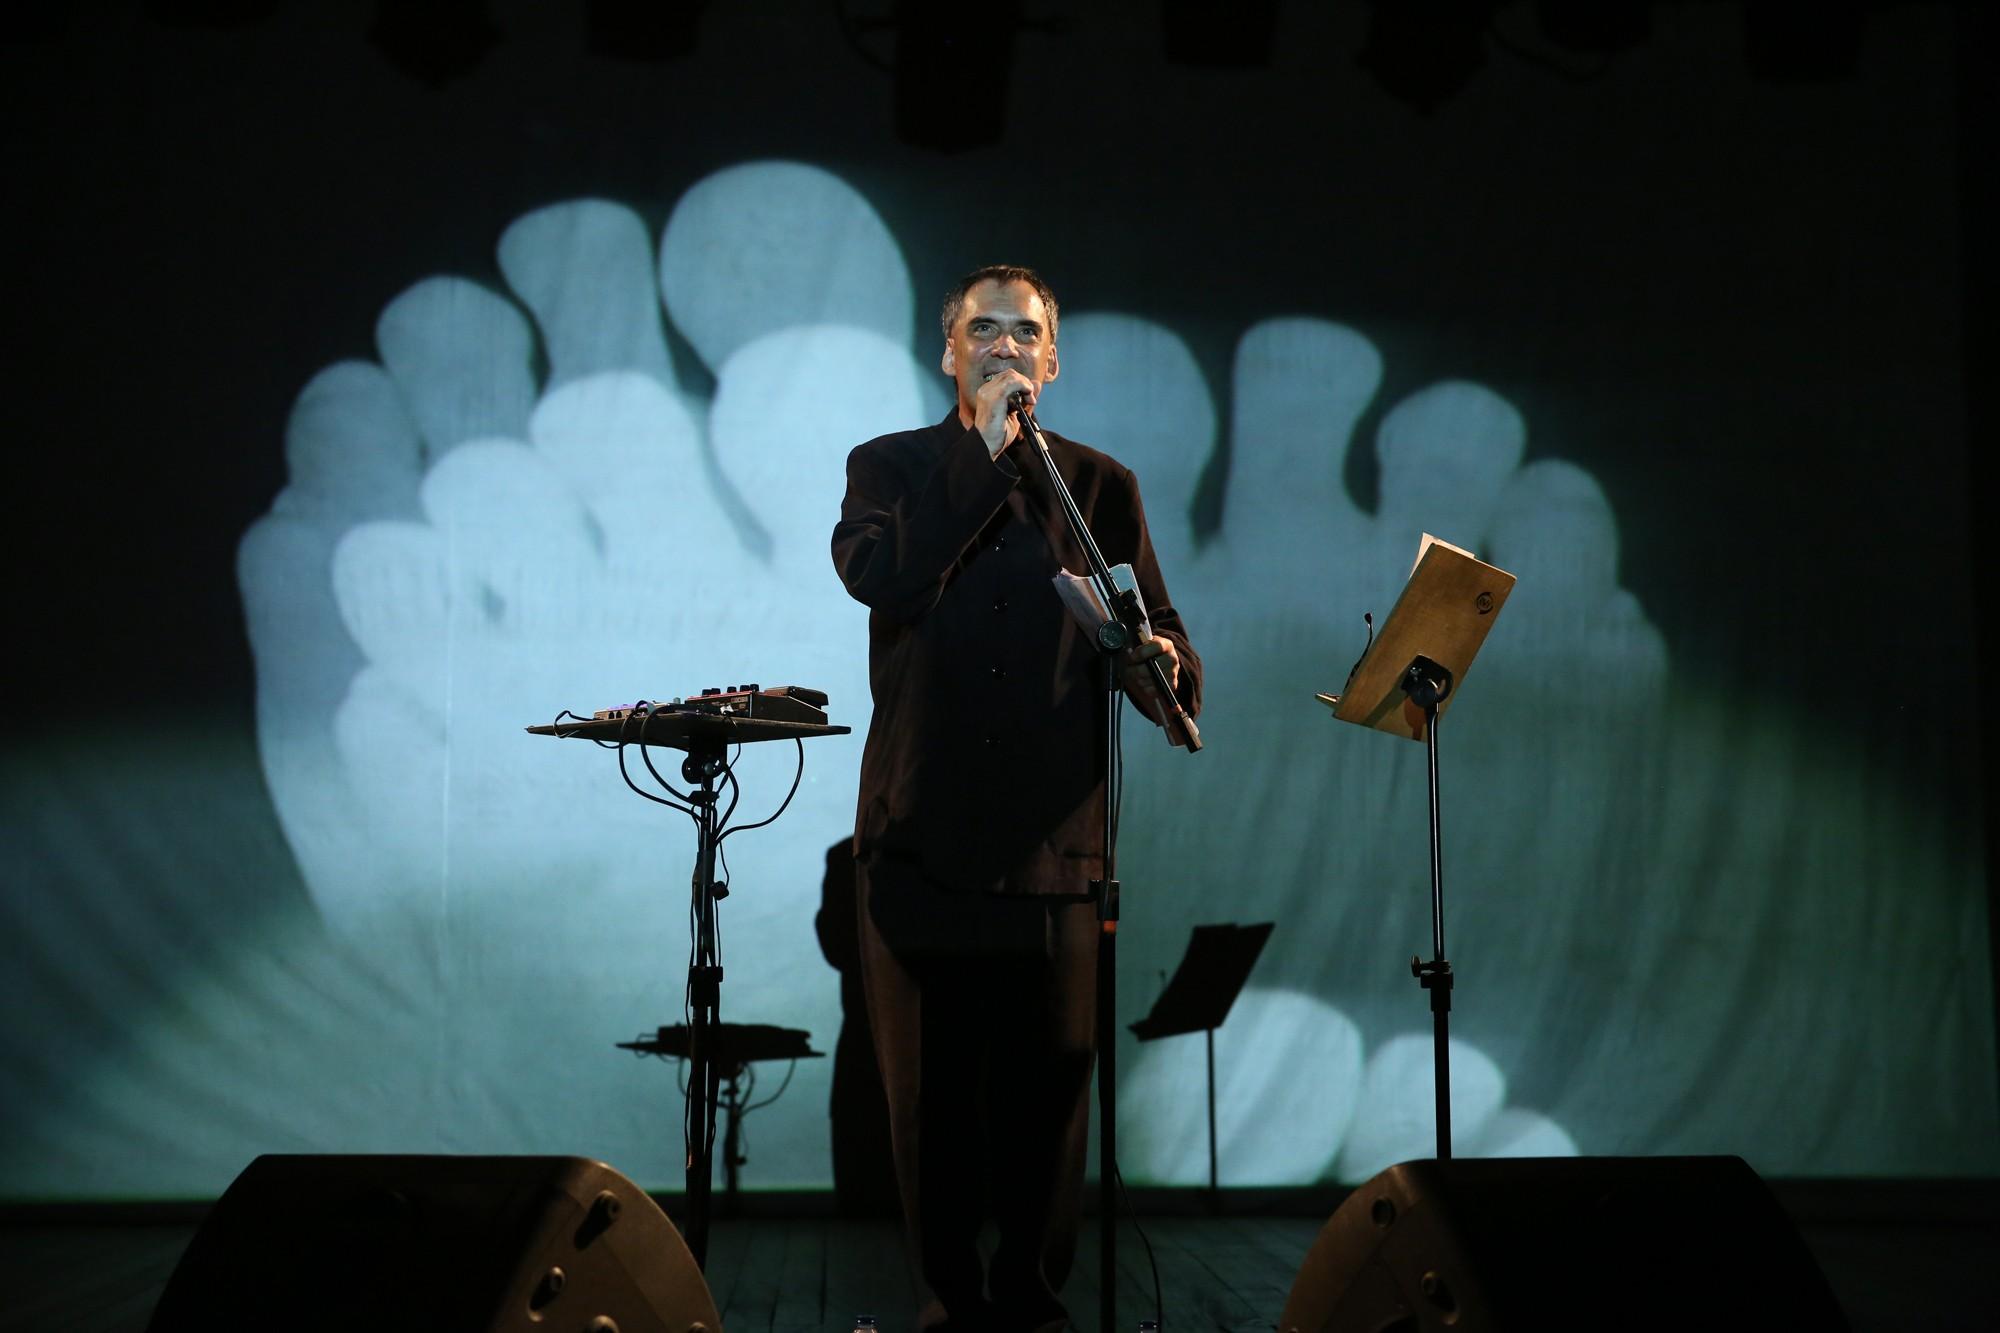 MUNDO UNIFOR: Arnaldo Antunes emociona plateia em performance poética